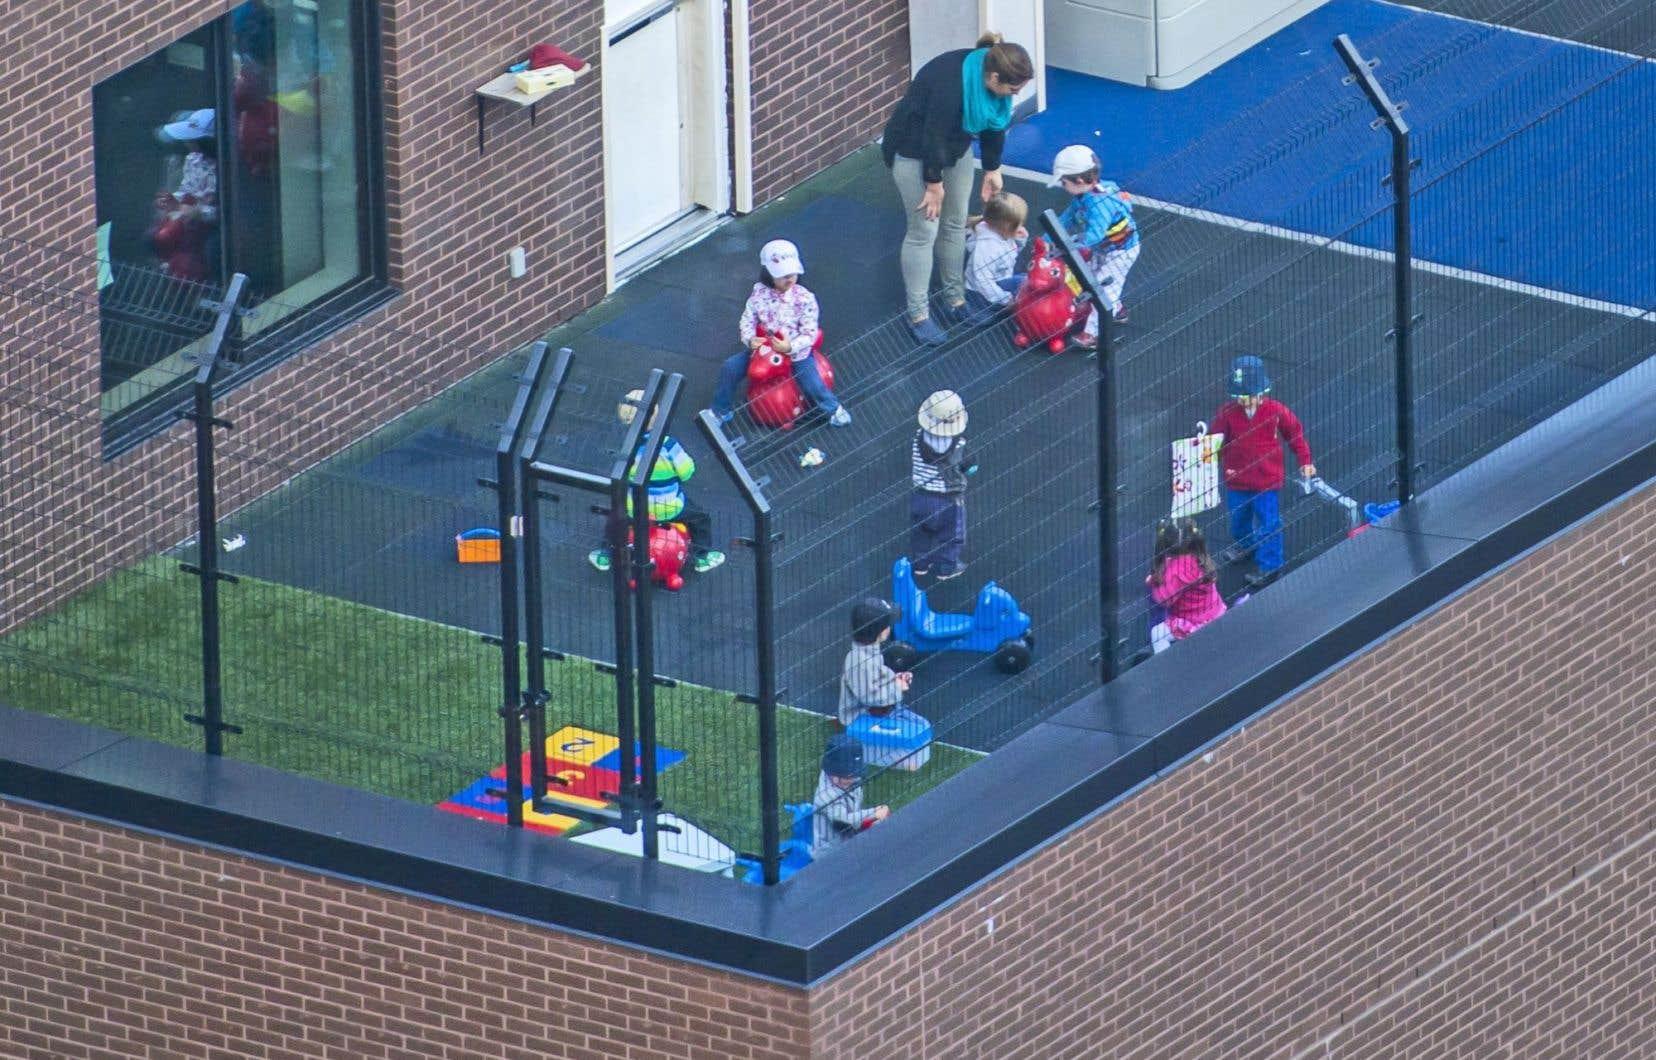 Les enfants issus d'un milieu défavorisé sont sous-représentés dans les services de garde subventionnés.